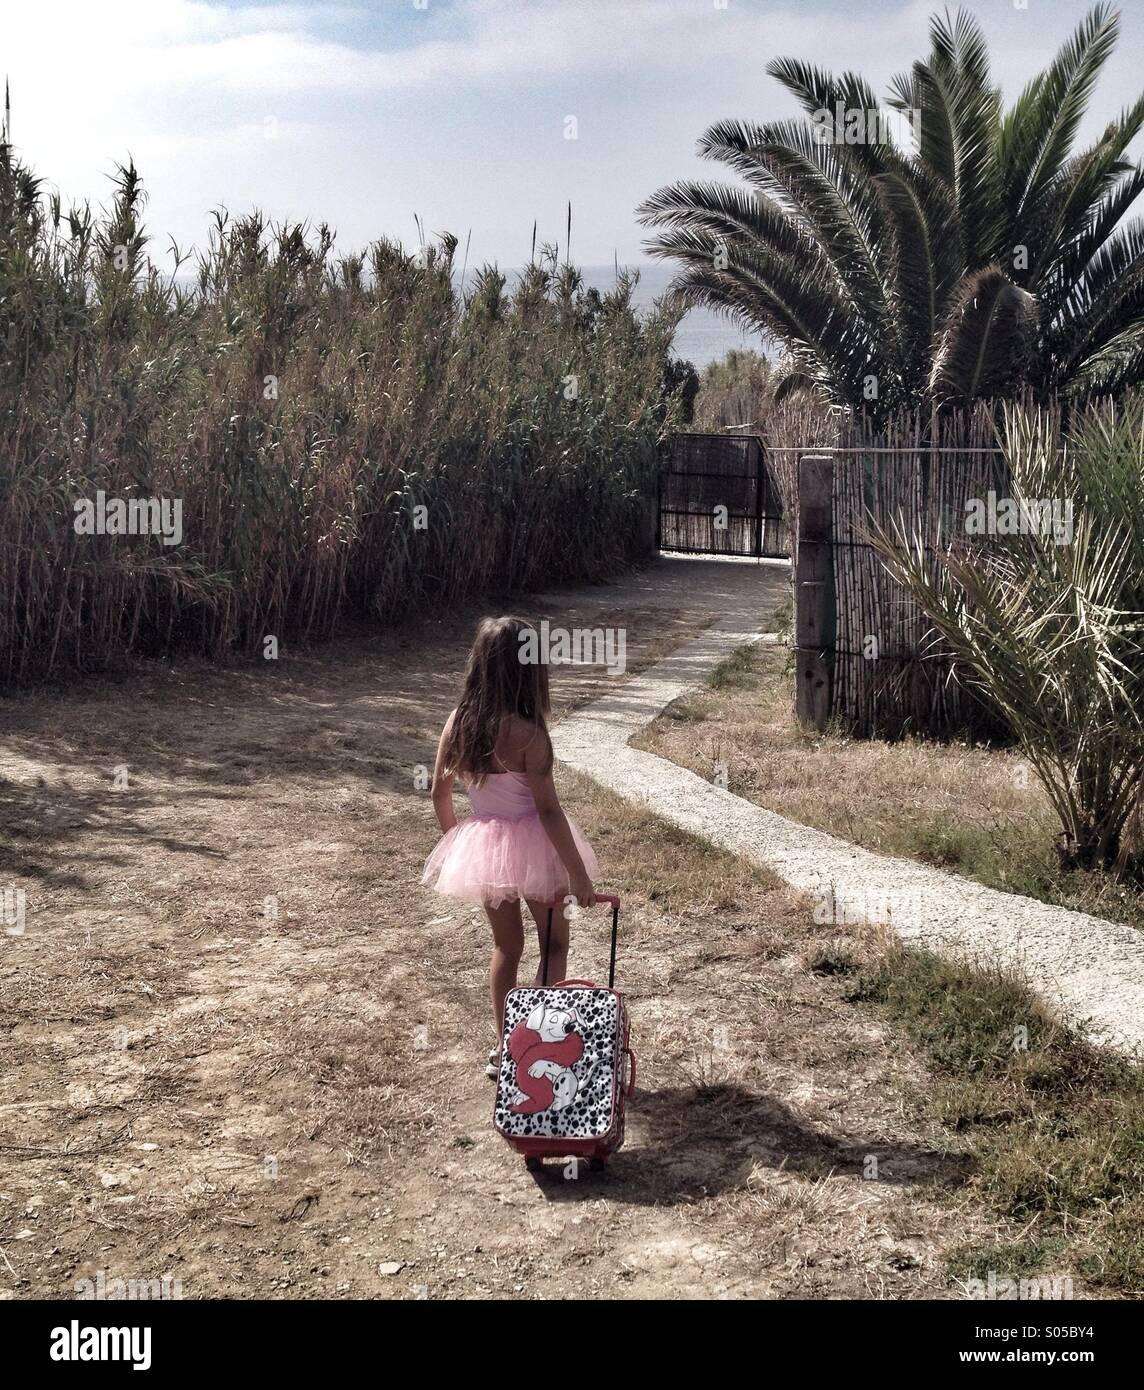 Chica yendo de vacaciones Imagen De Stock